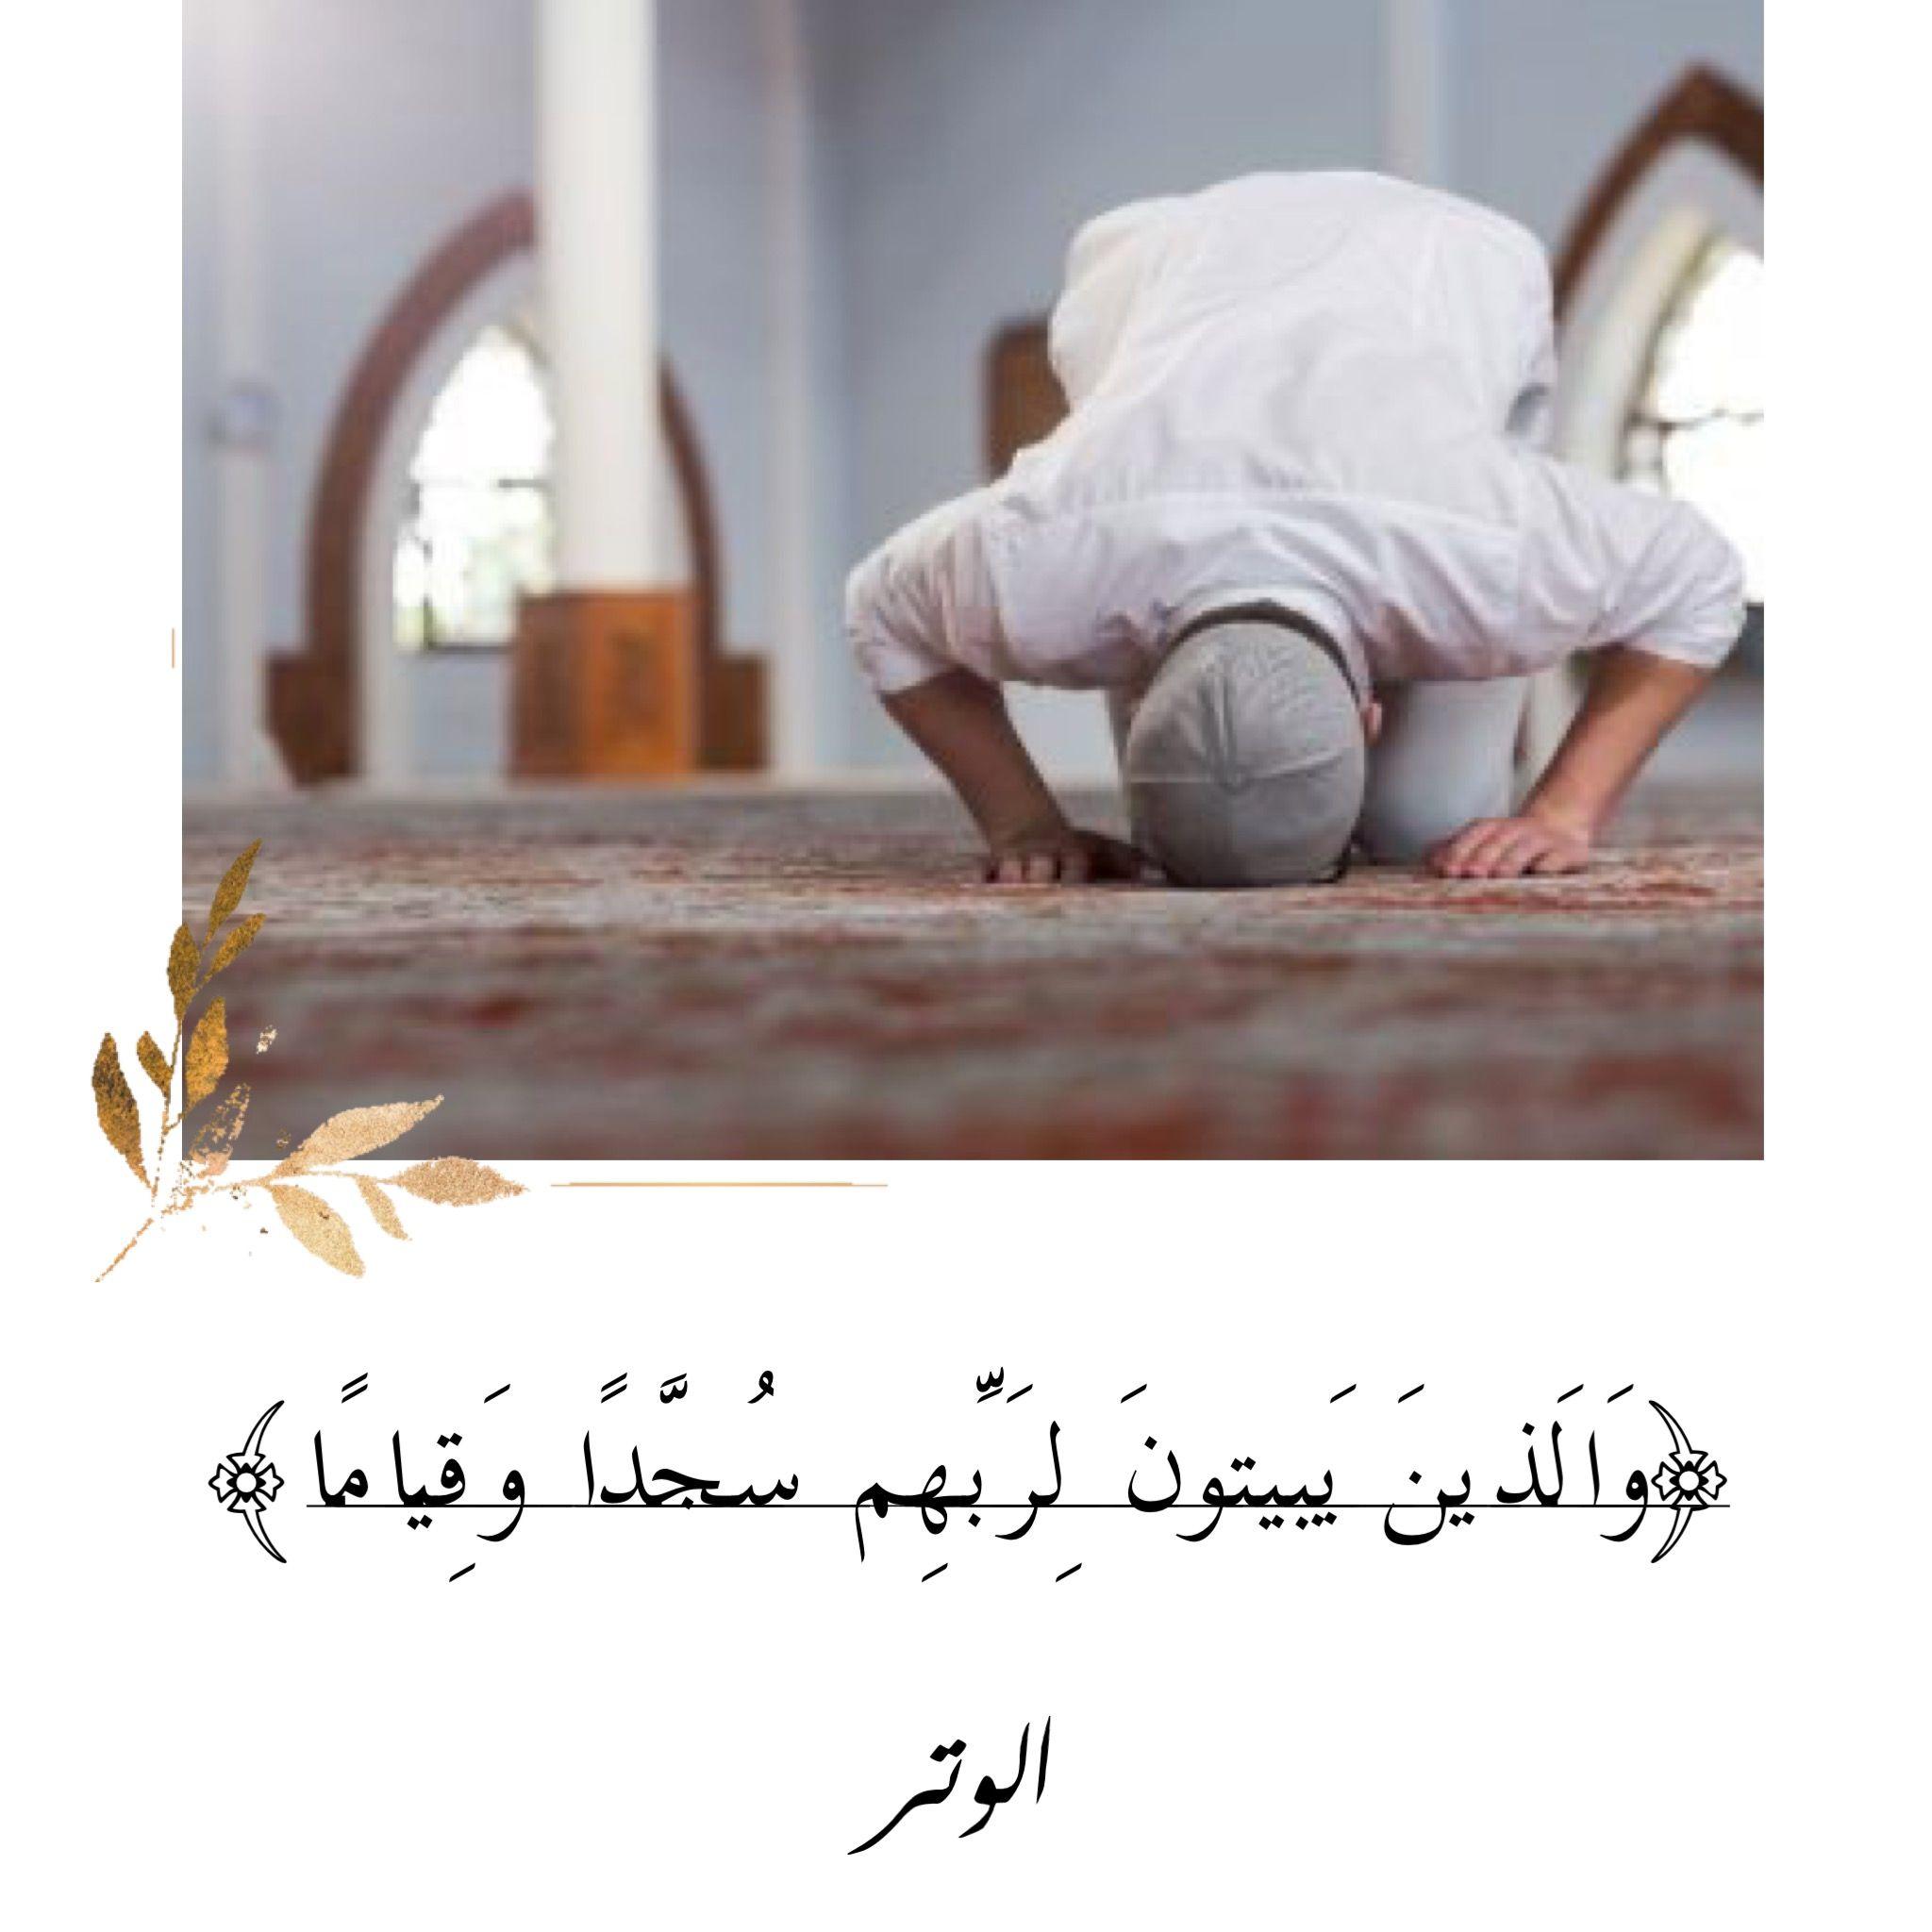 و ال ذين ي بيتون ل ر ب ه م س ج د ا و ق يام ا الوتر Save